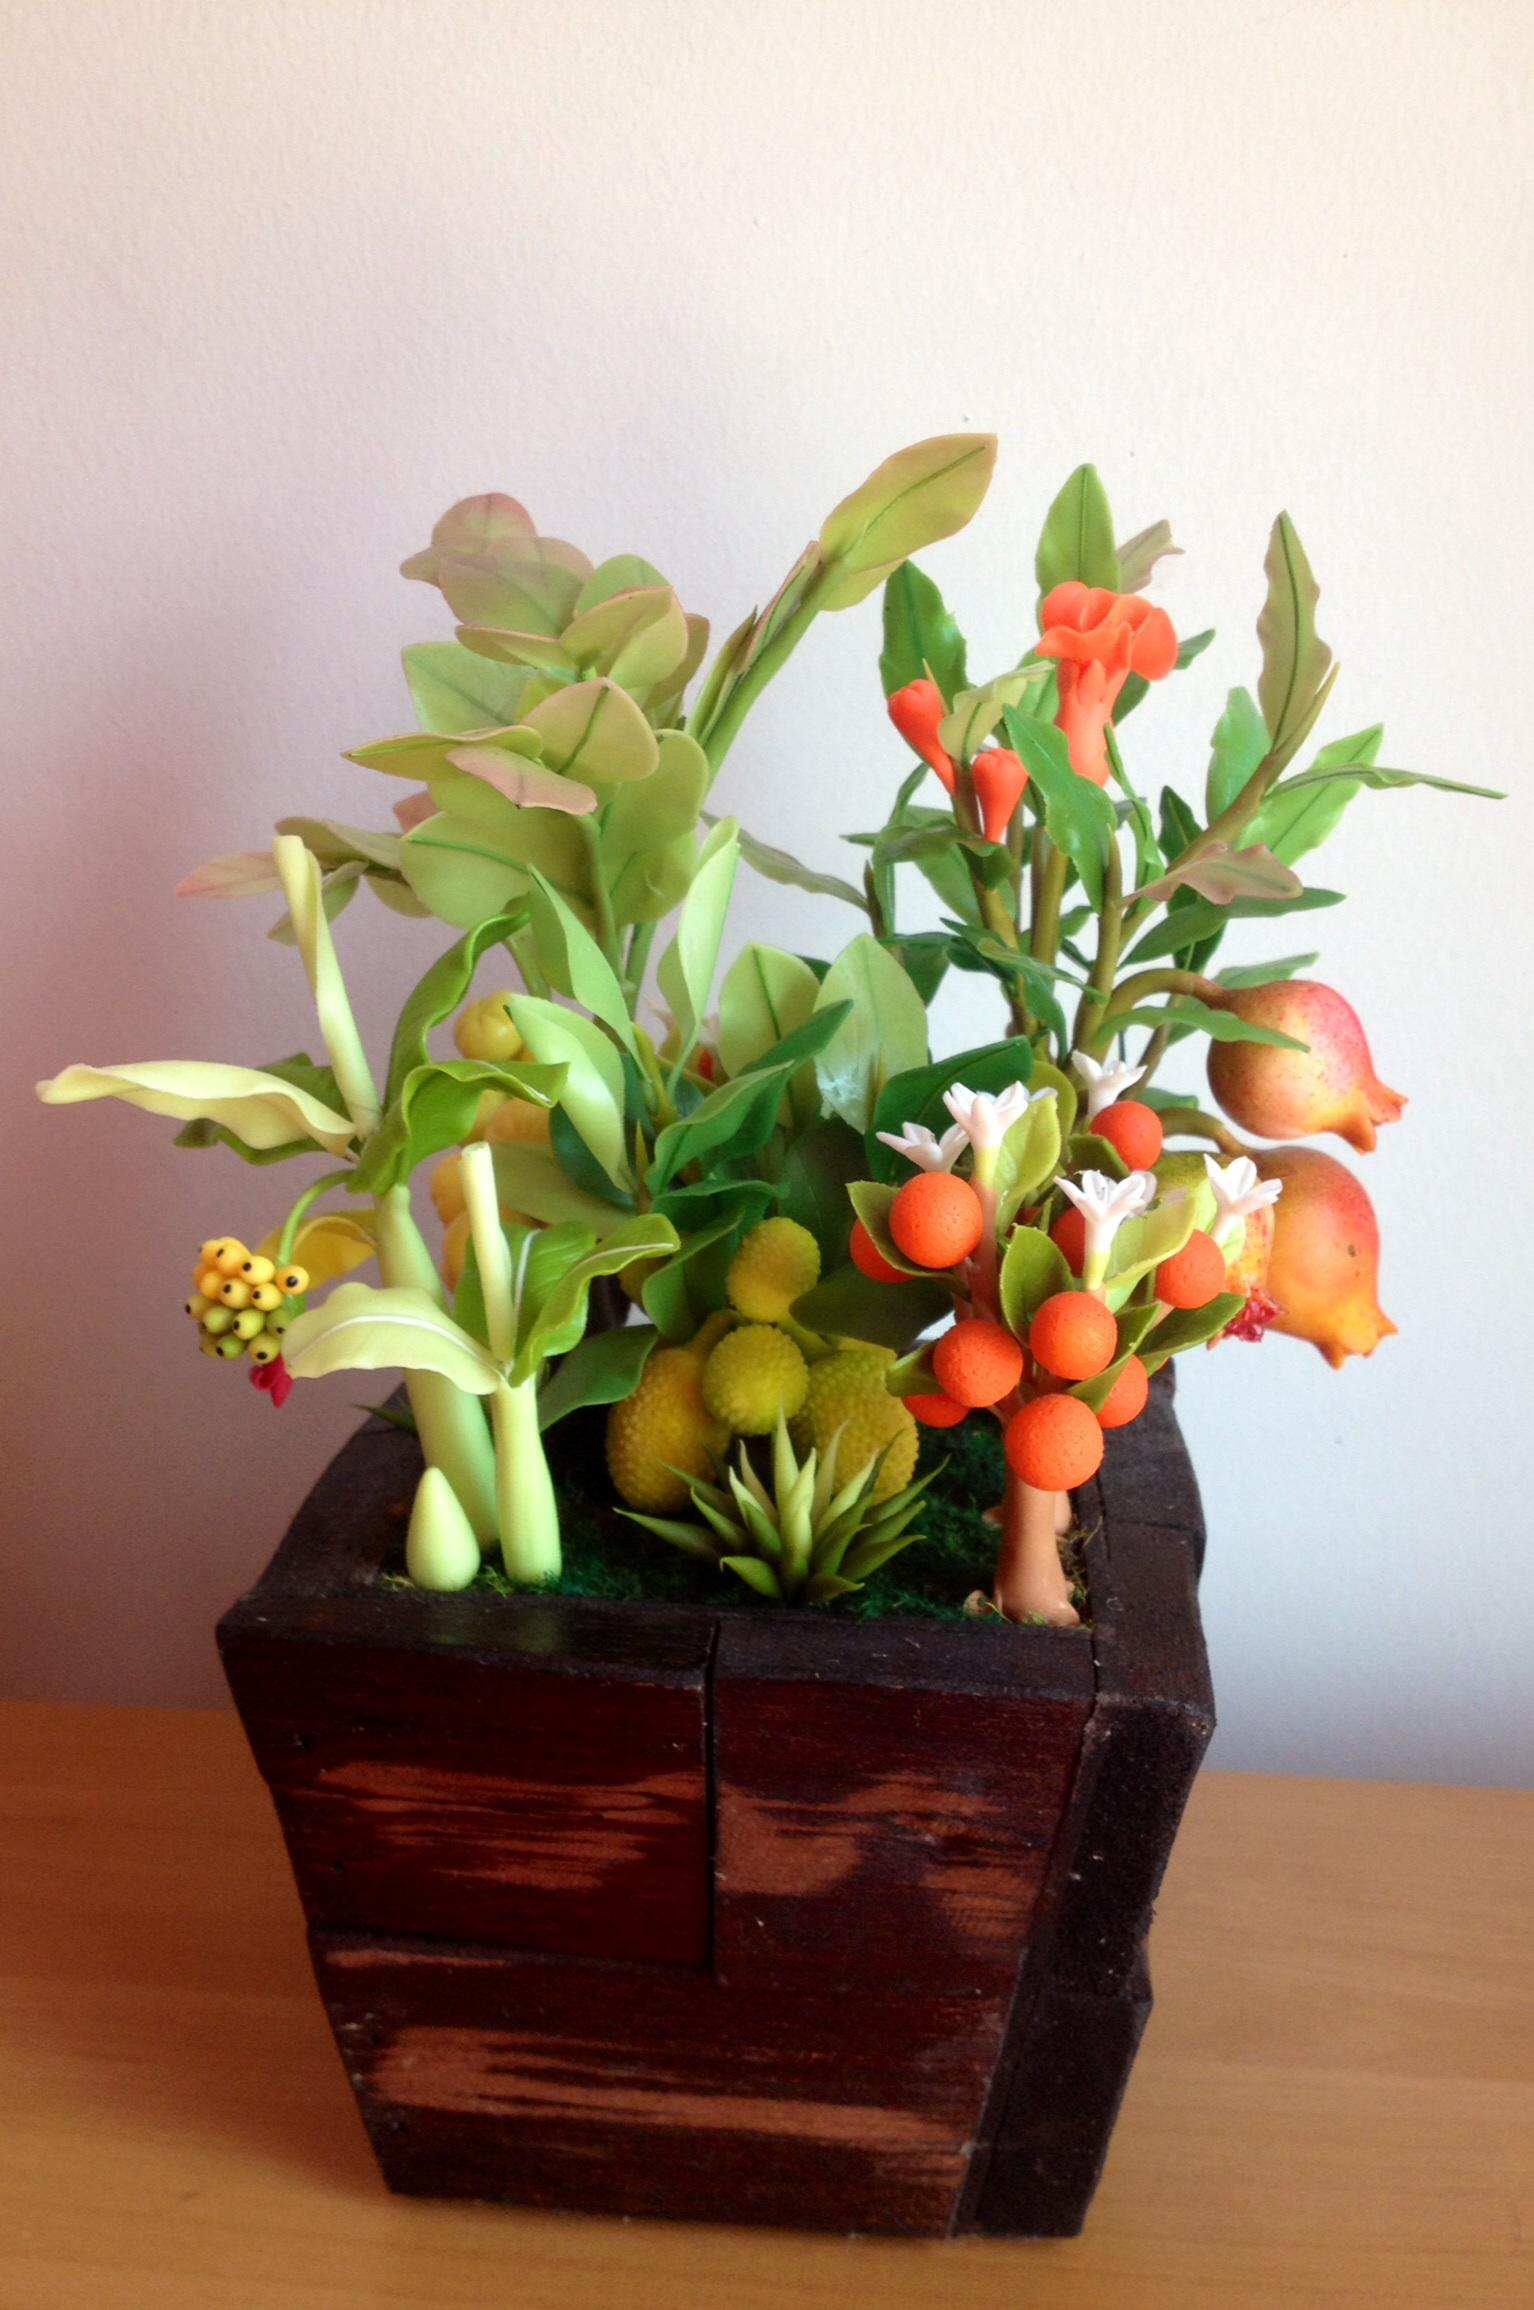 C019-สวนต้นไม้มงคล ทับทิม มะยม ส้ม กล้วย ขนุน_ไซร์ 3-6 นิ้ว